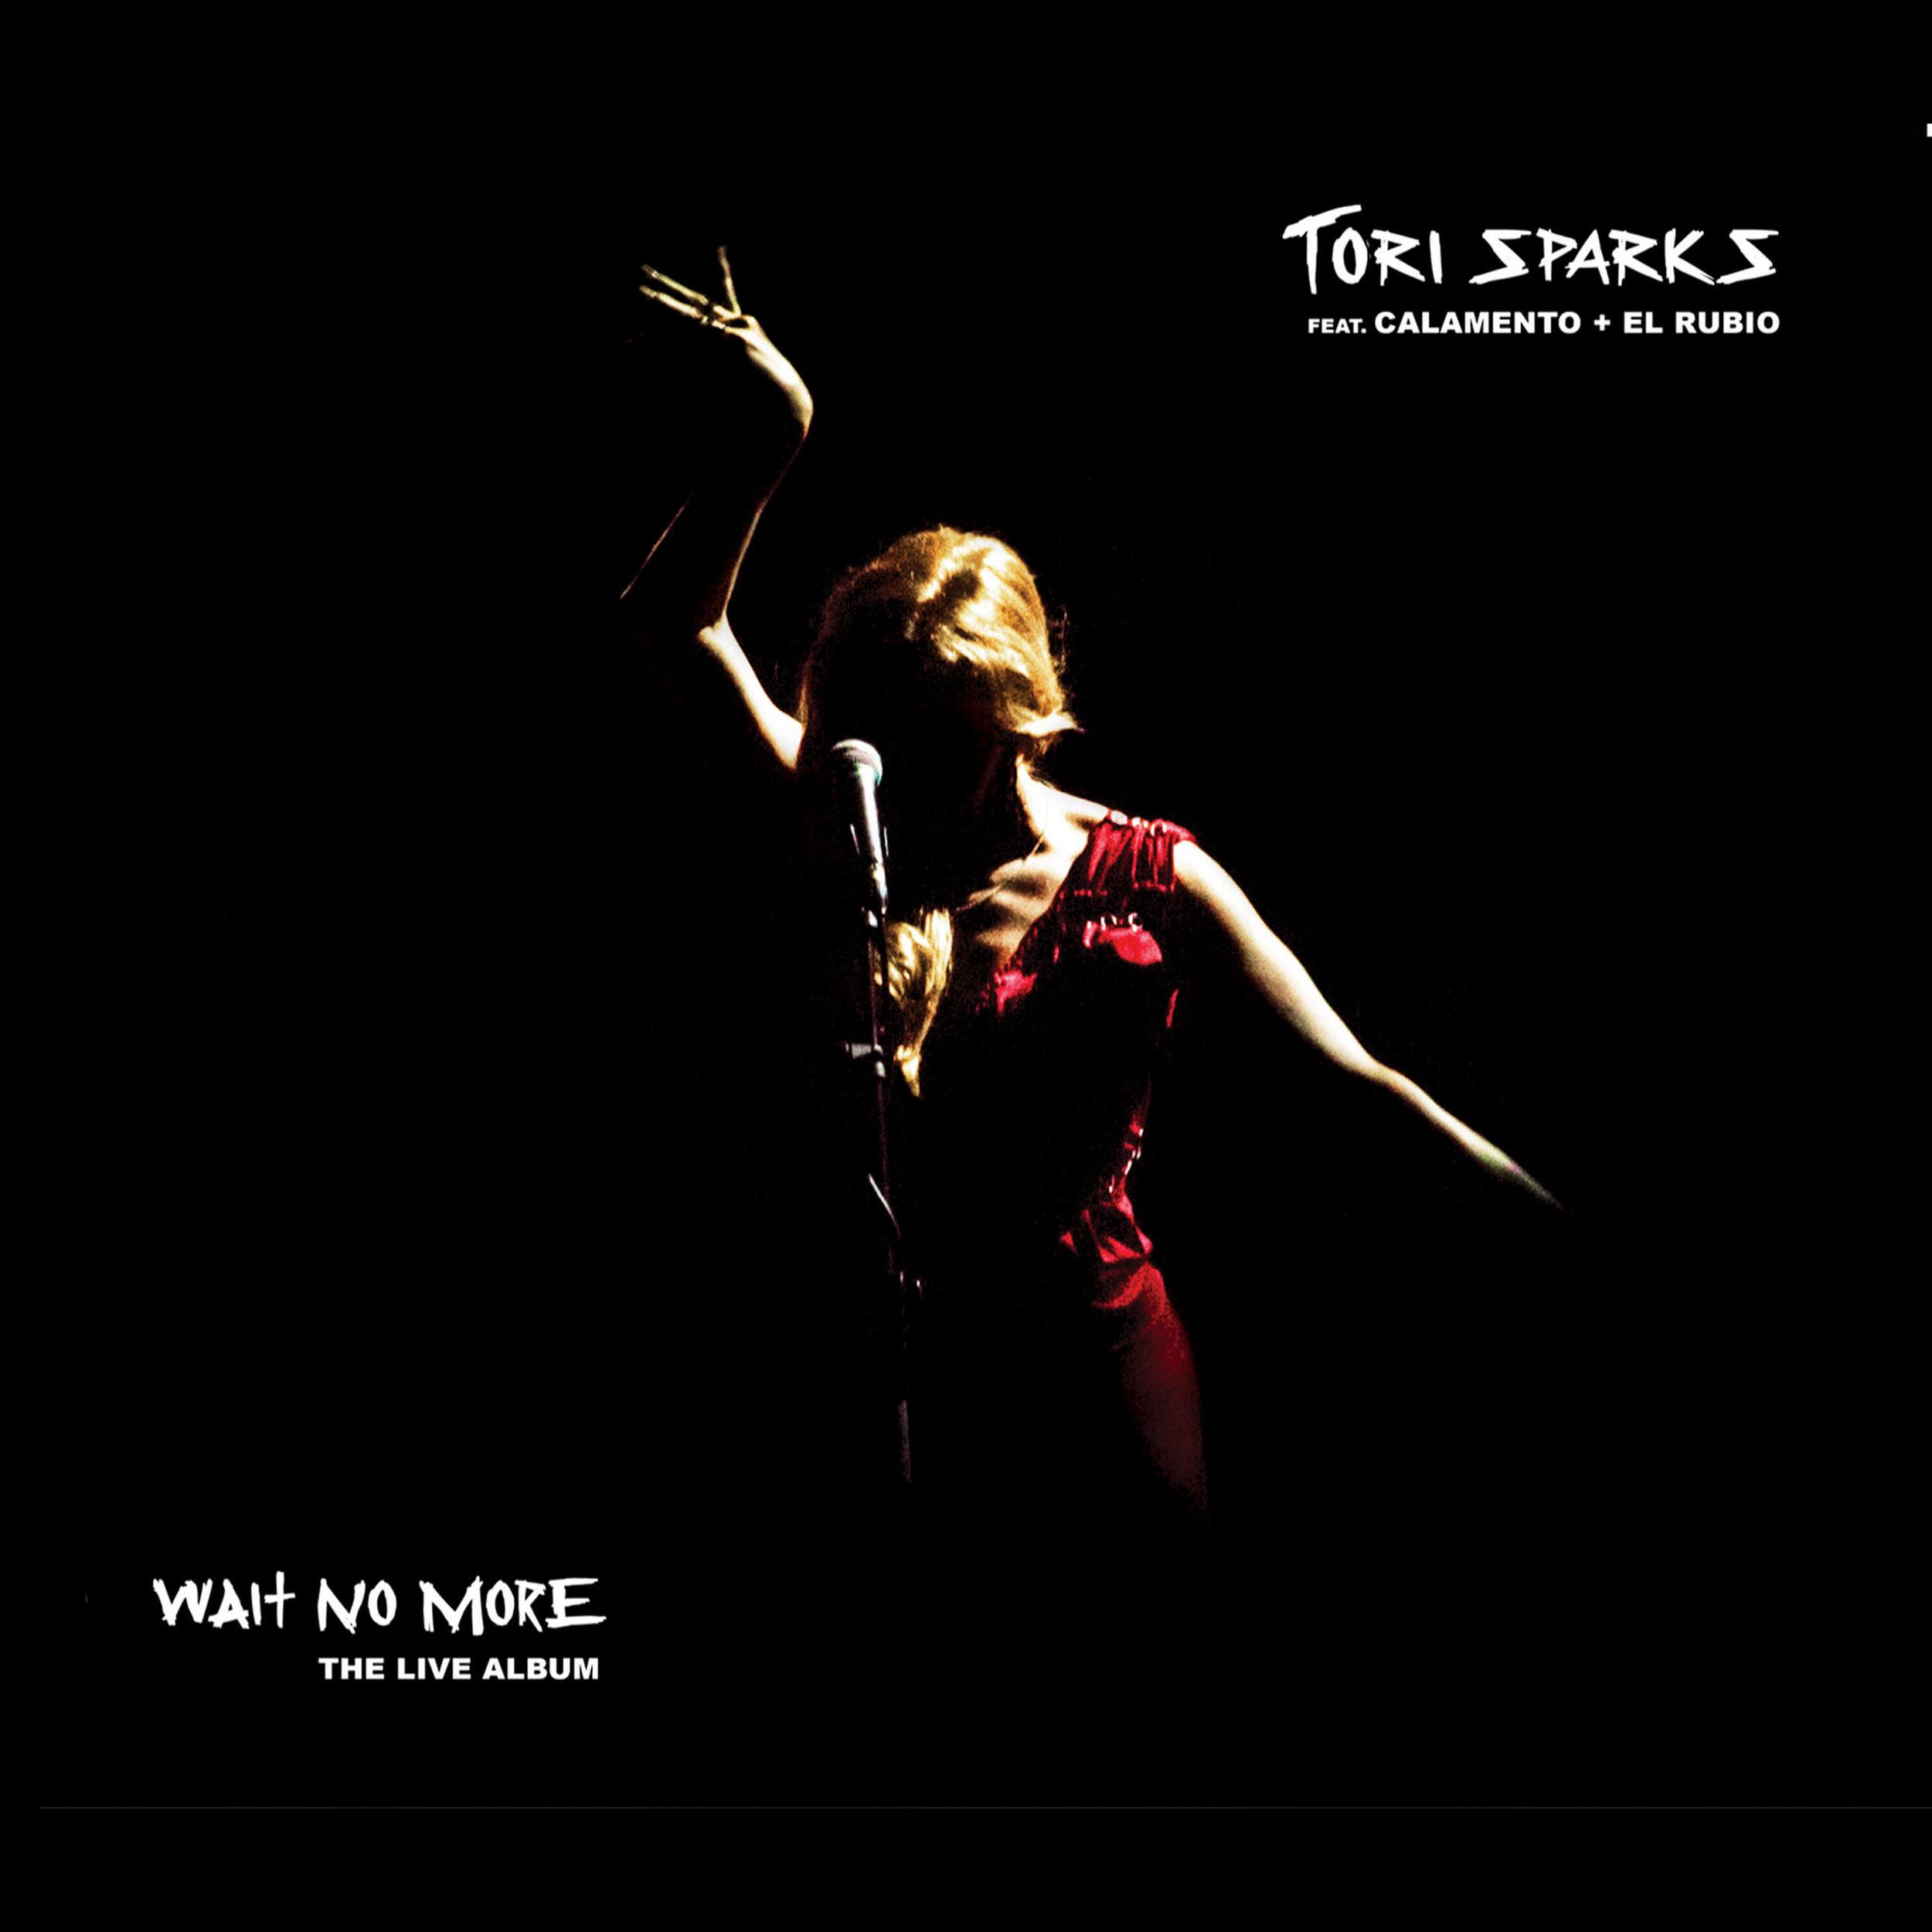 Tori Sparks - Wait No More: The Live Album - Foto de la portada por Alexey Stradubanov